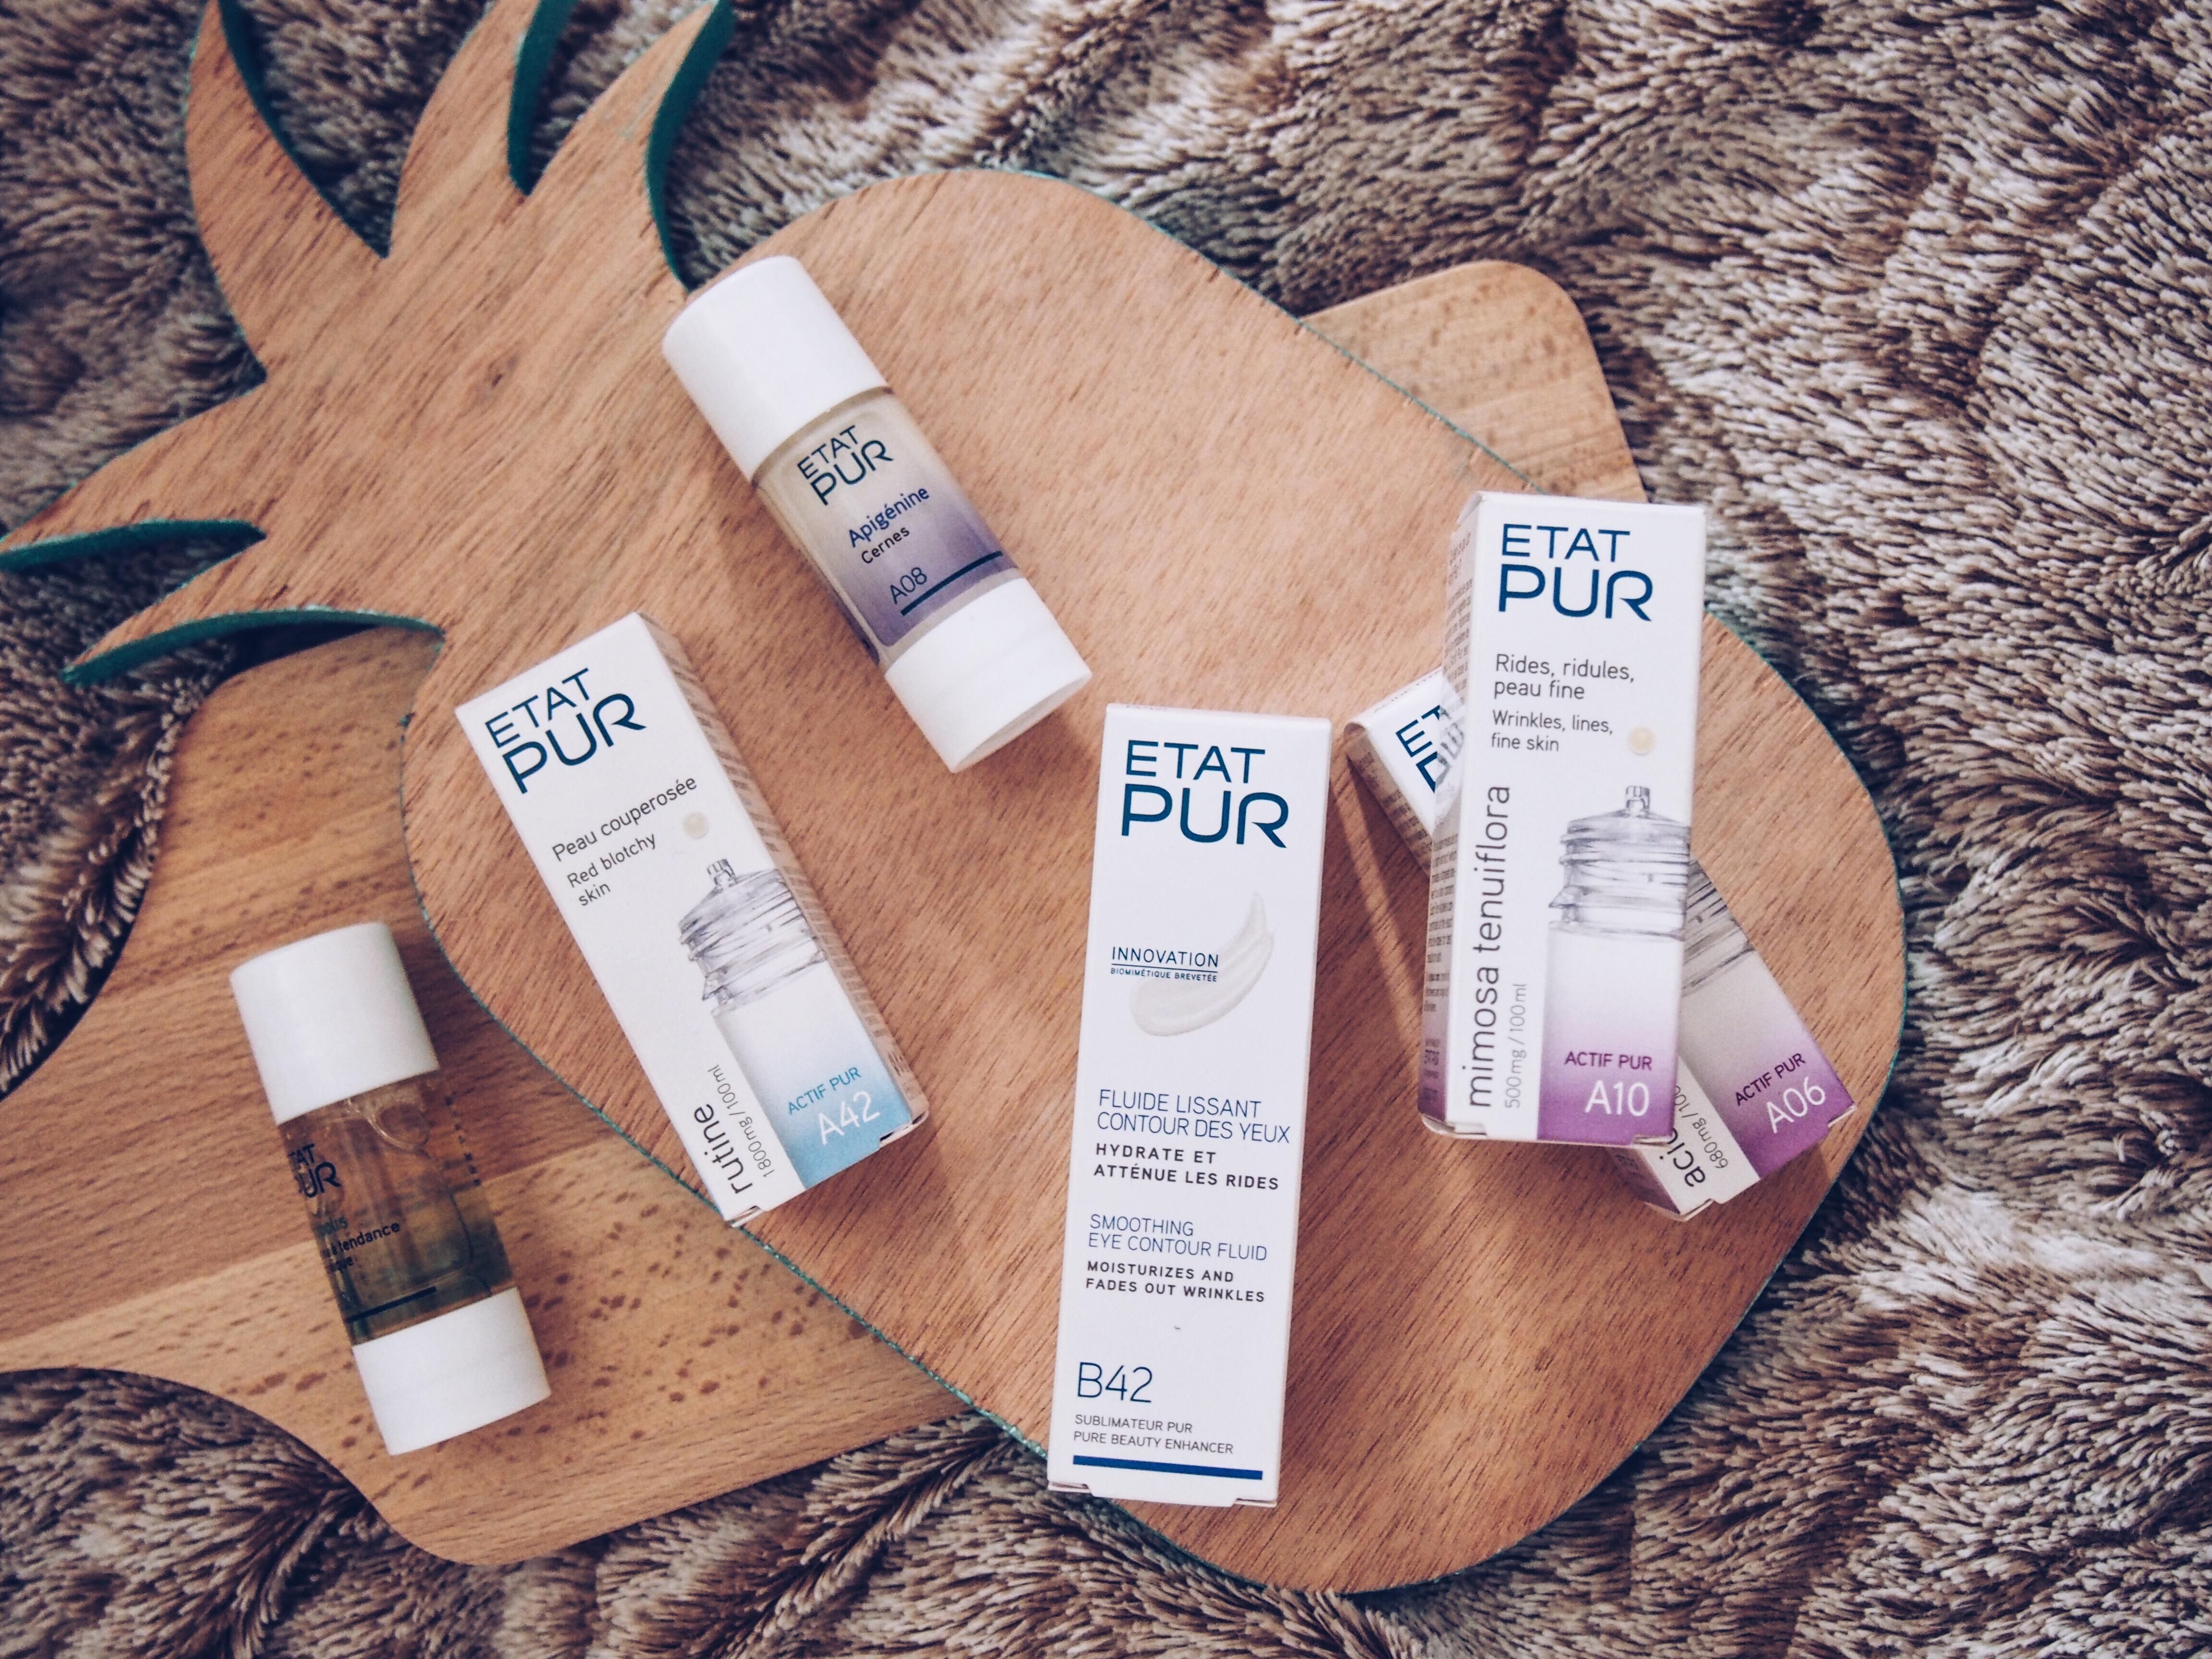 etat-pur-actifs-purs-cosmetique-beaute-soprettylittlethings